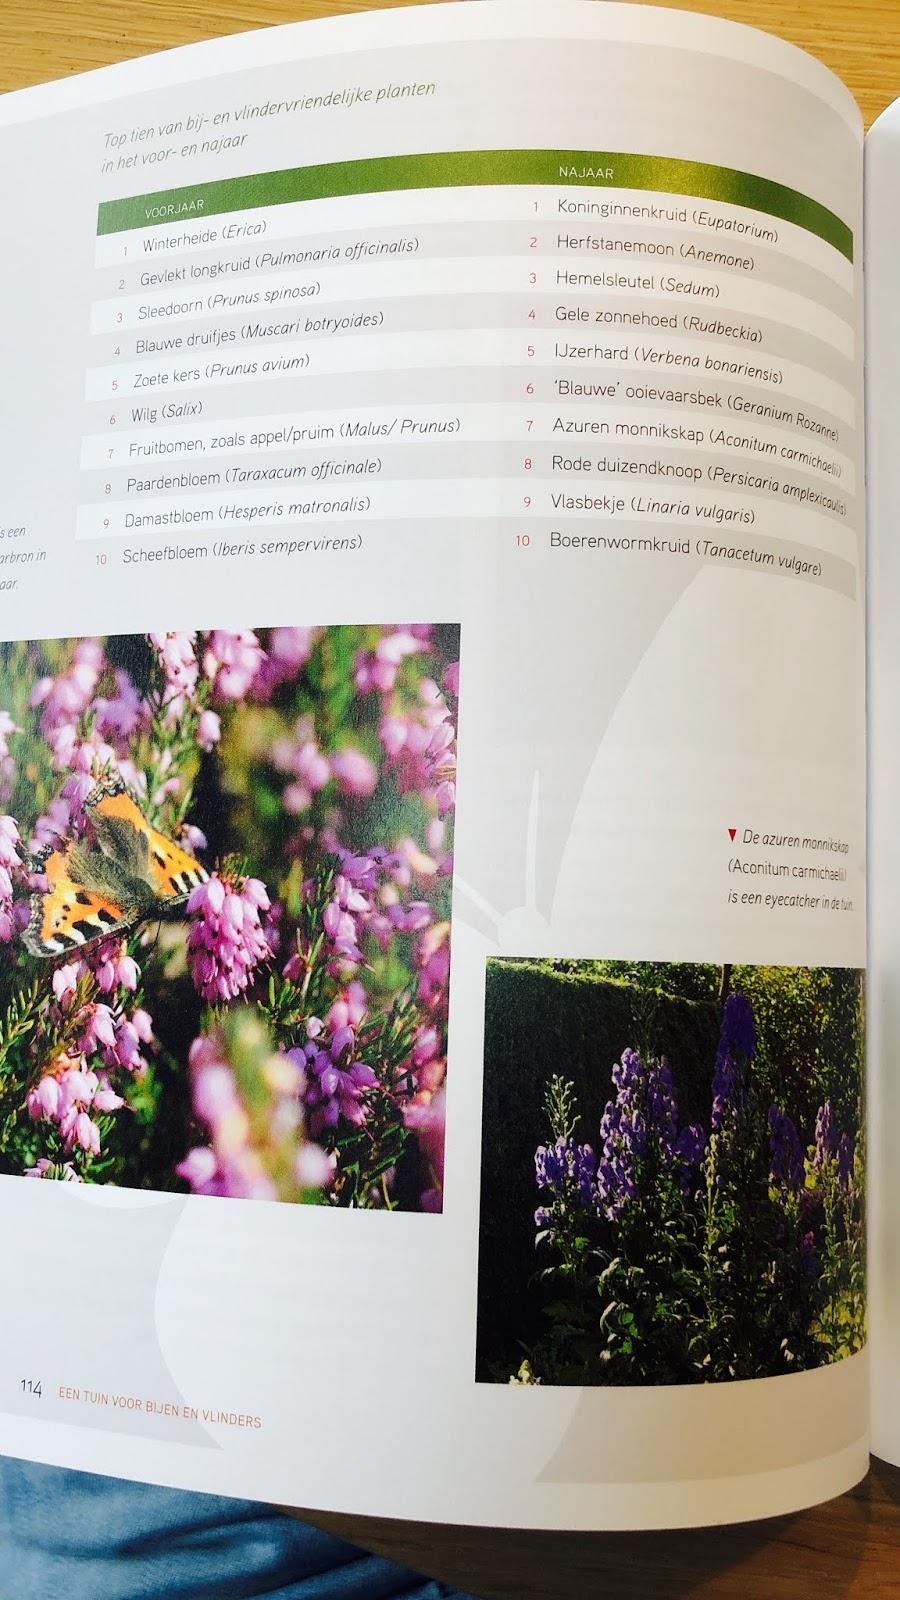 recensie boek tuin bijen vlinders albert vliegenthart insecten